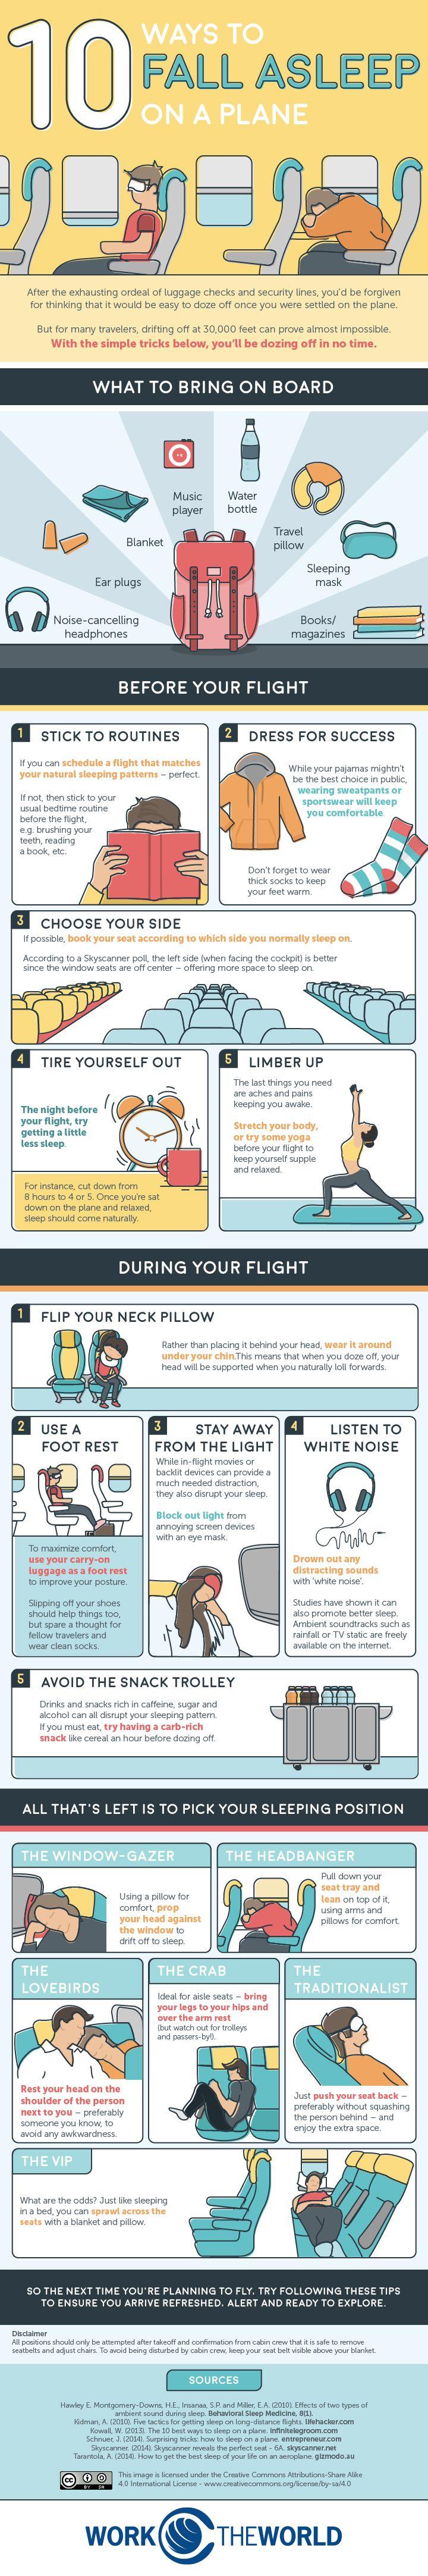 10-ways-to-fall-asleep-on-a-plane-v3